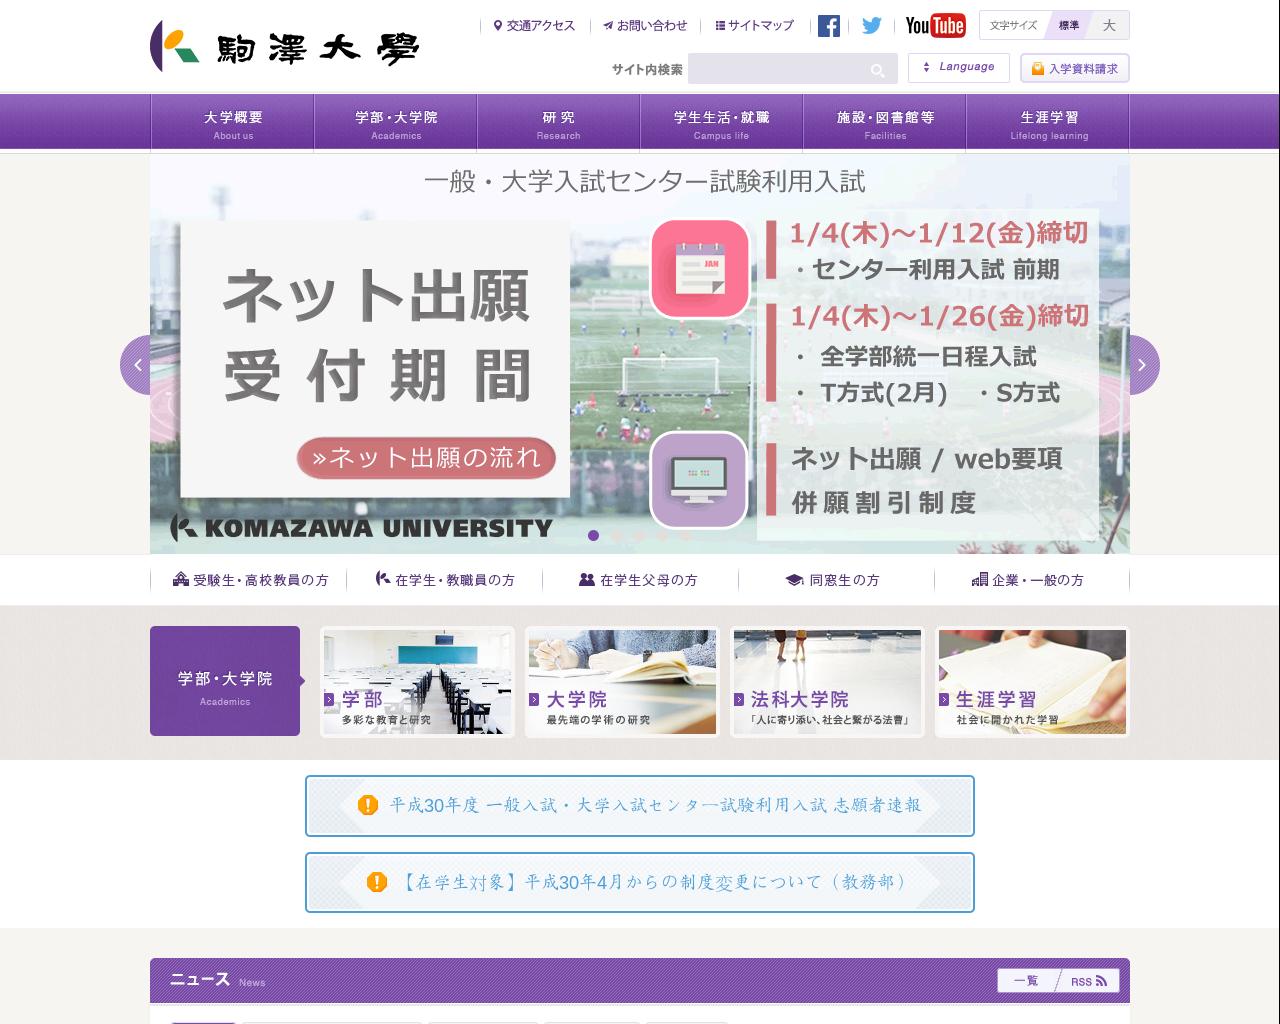 www.komazawa-u.ac.jp(2018/01/12 22:12:08)